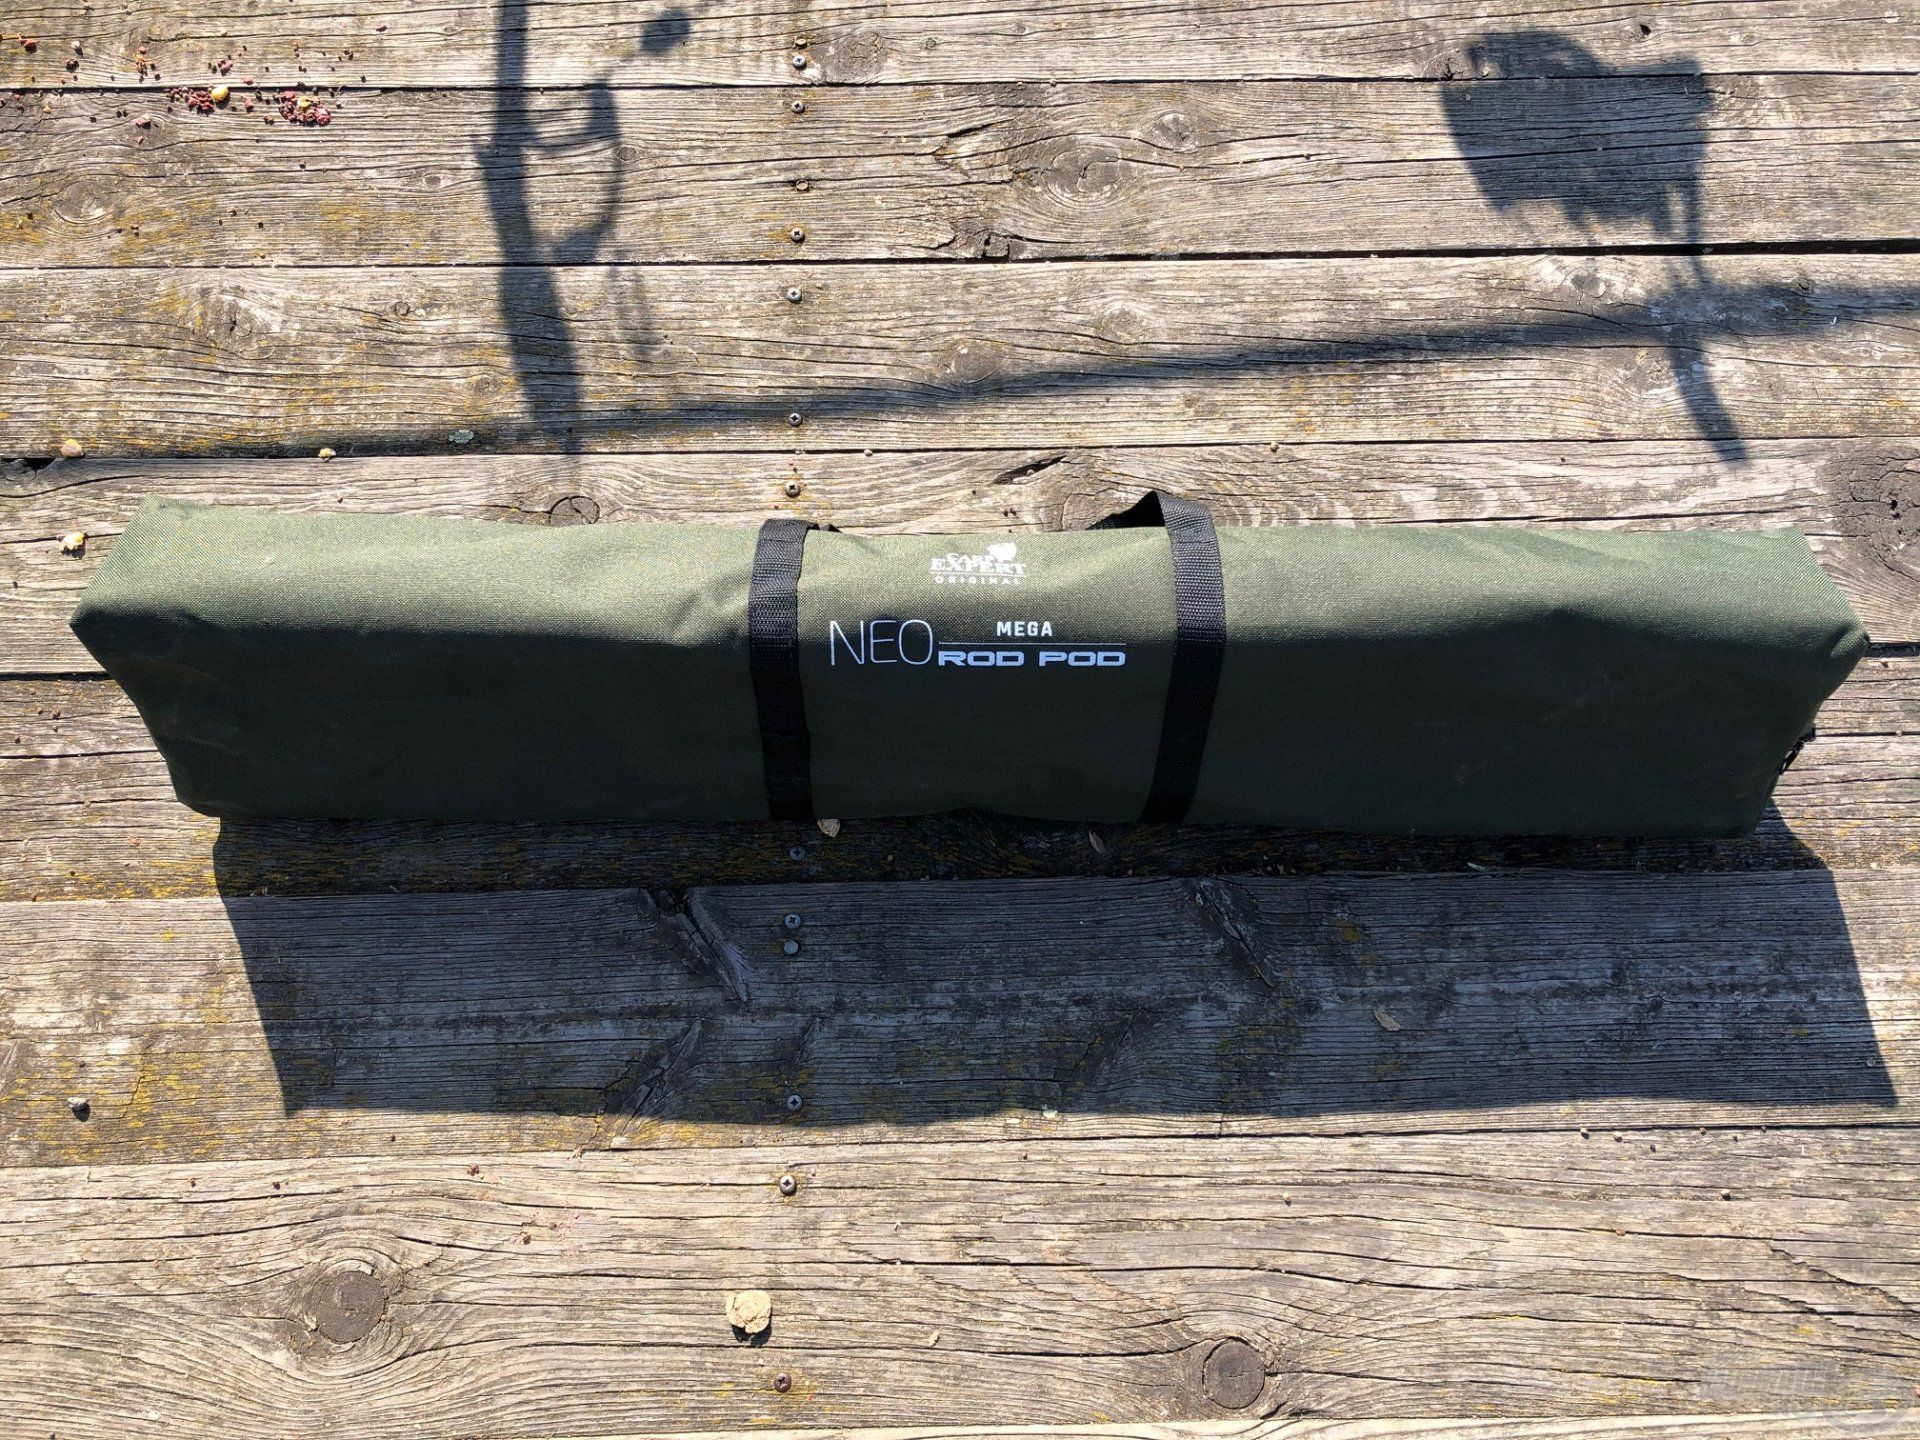 A Neo Mega Rod Pod sokoldalú, hosszú távon megfelelő társ lehet